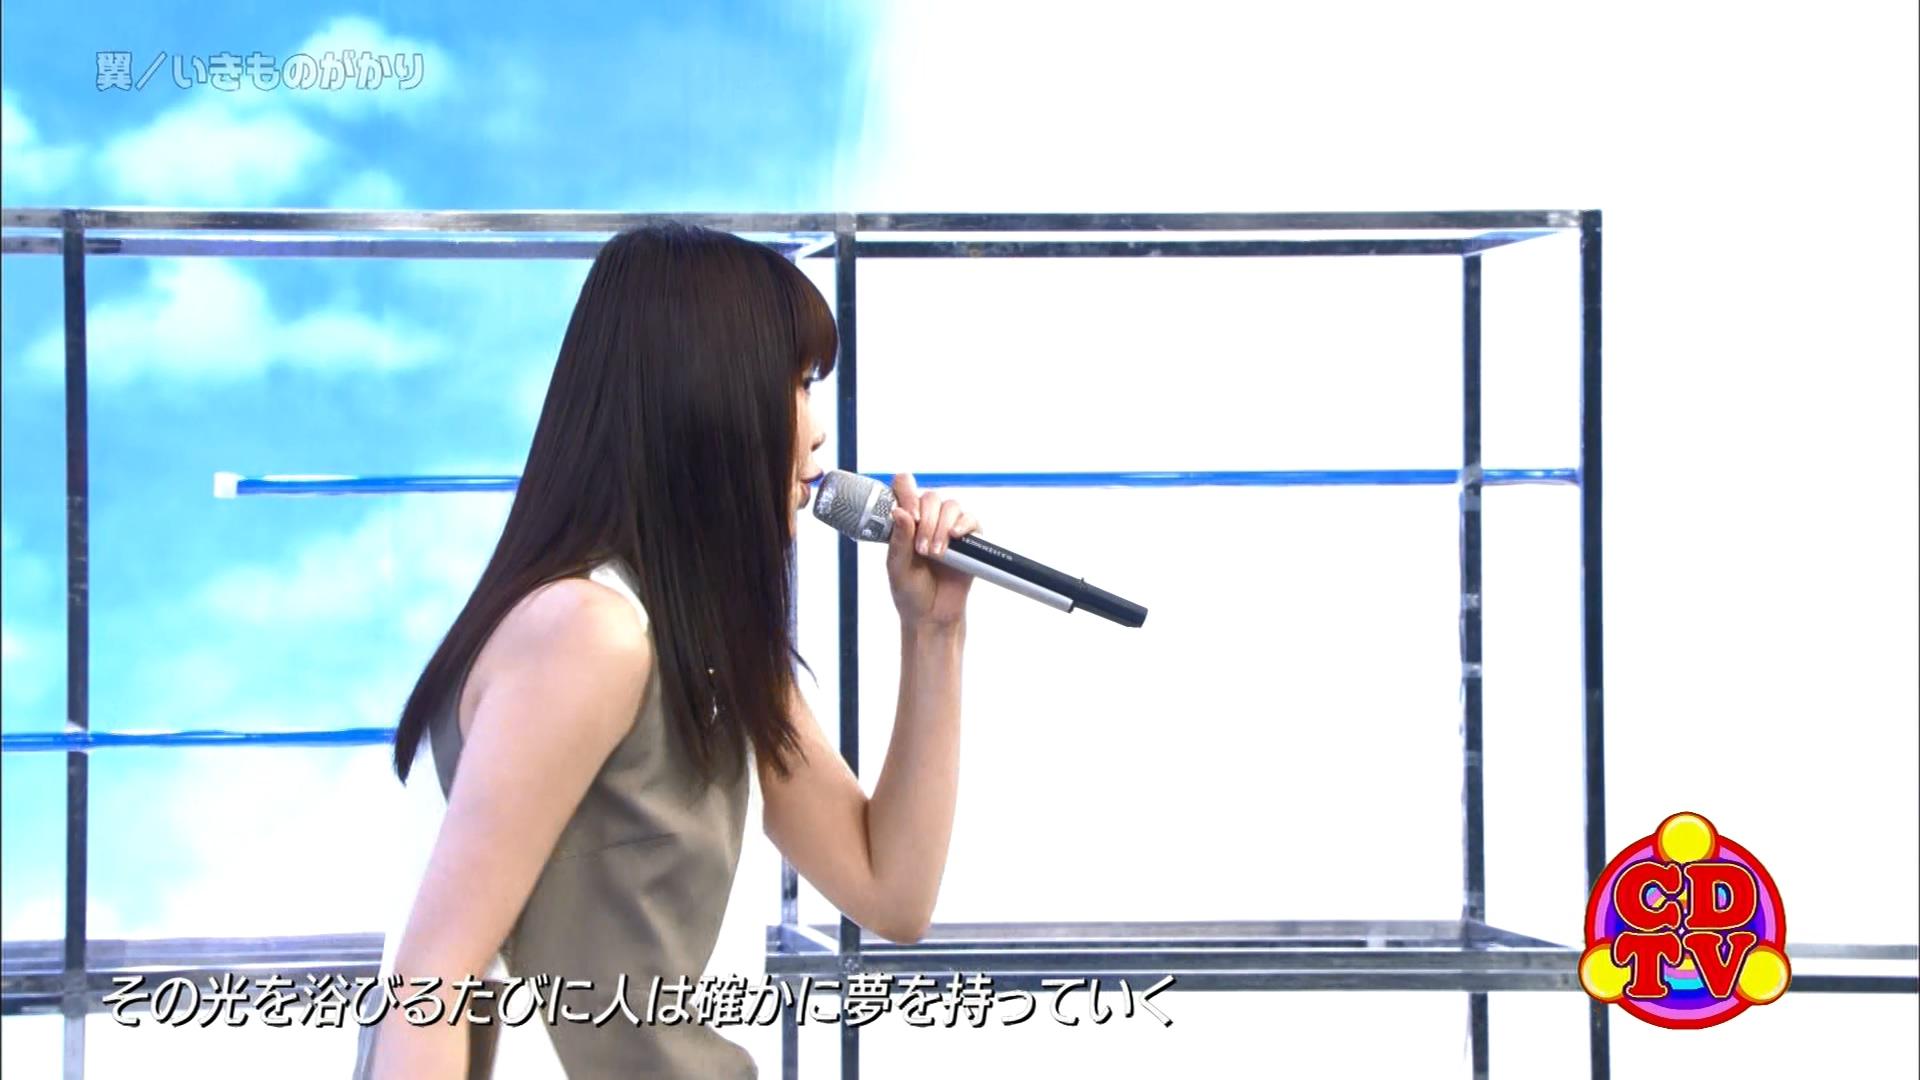 2016.03.19 いきものがかり - 翼(CDTV).ts_20160320_015121.529